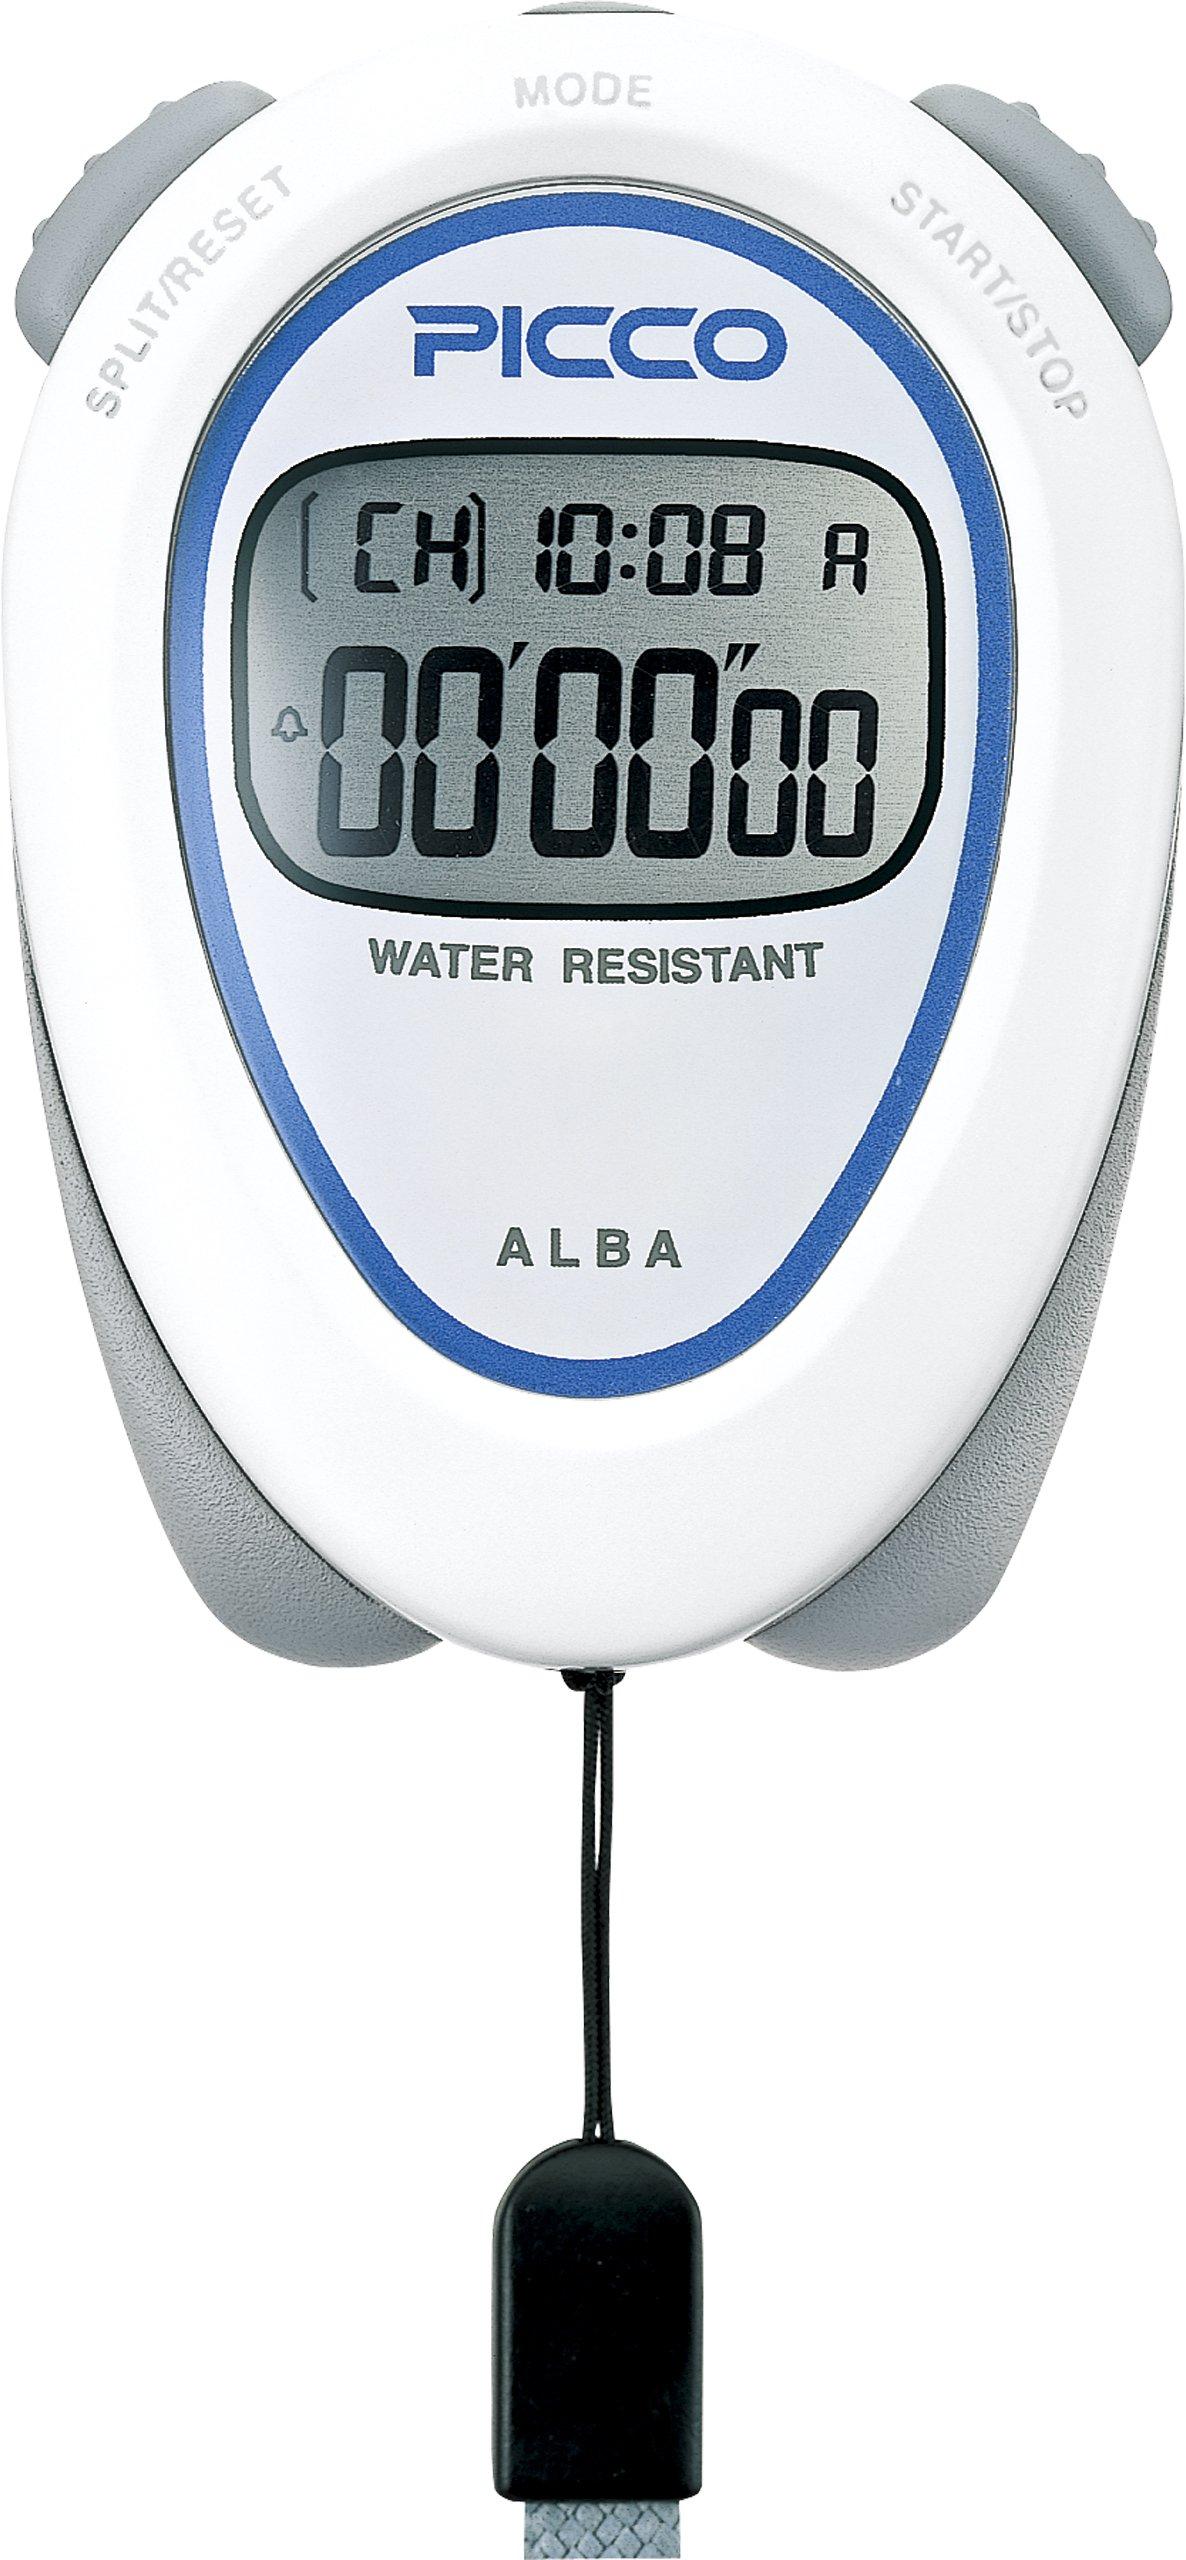 SEIKO ALBA PICCO Standard Stopwatch White ADMD002 by